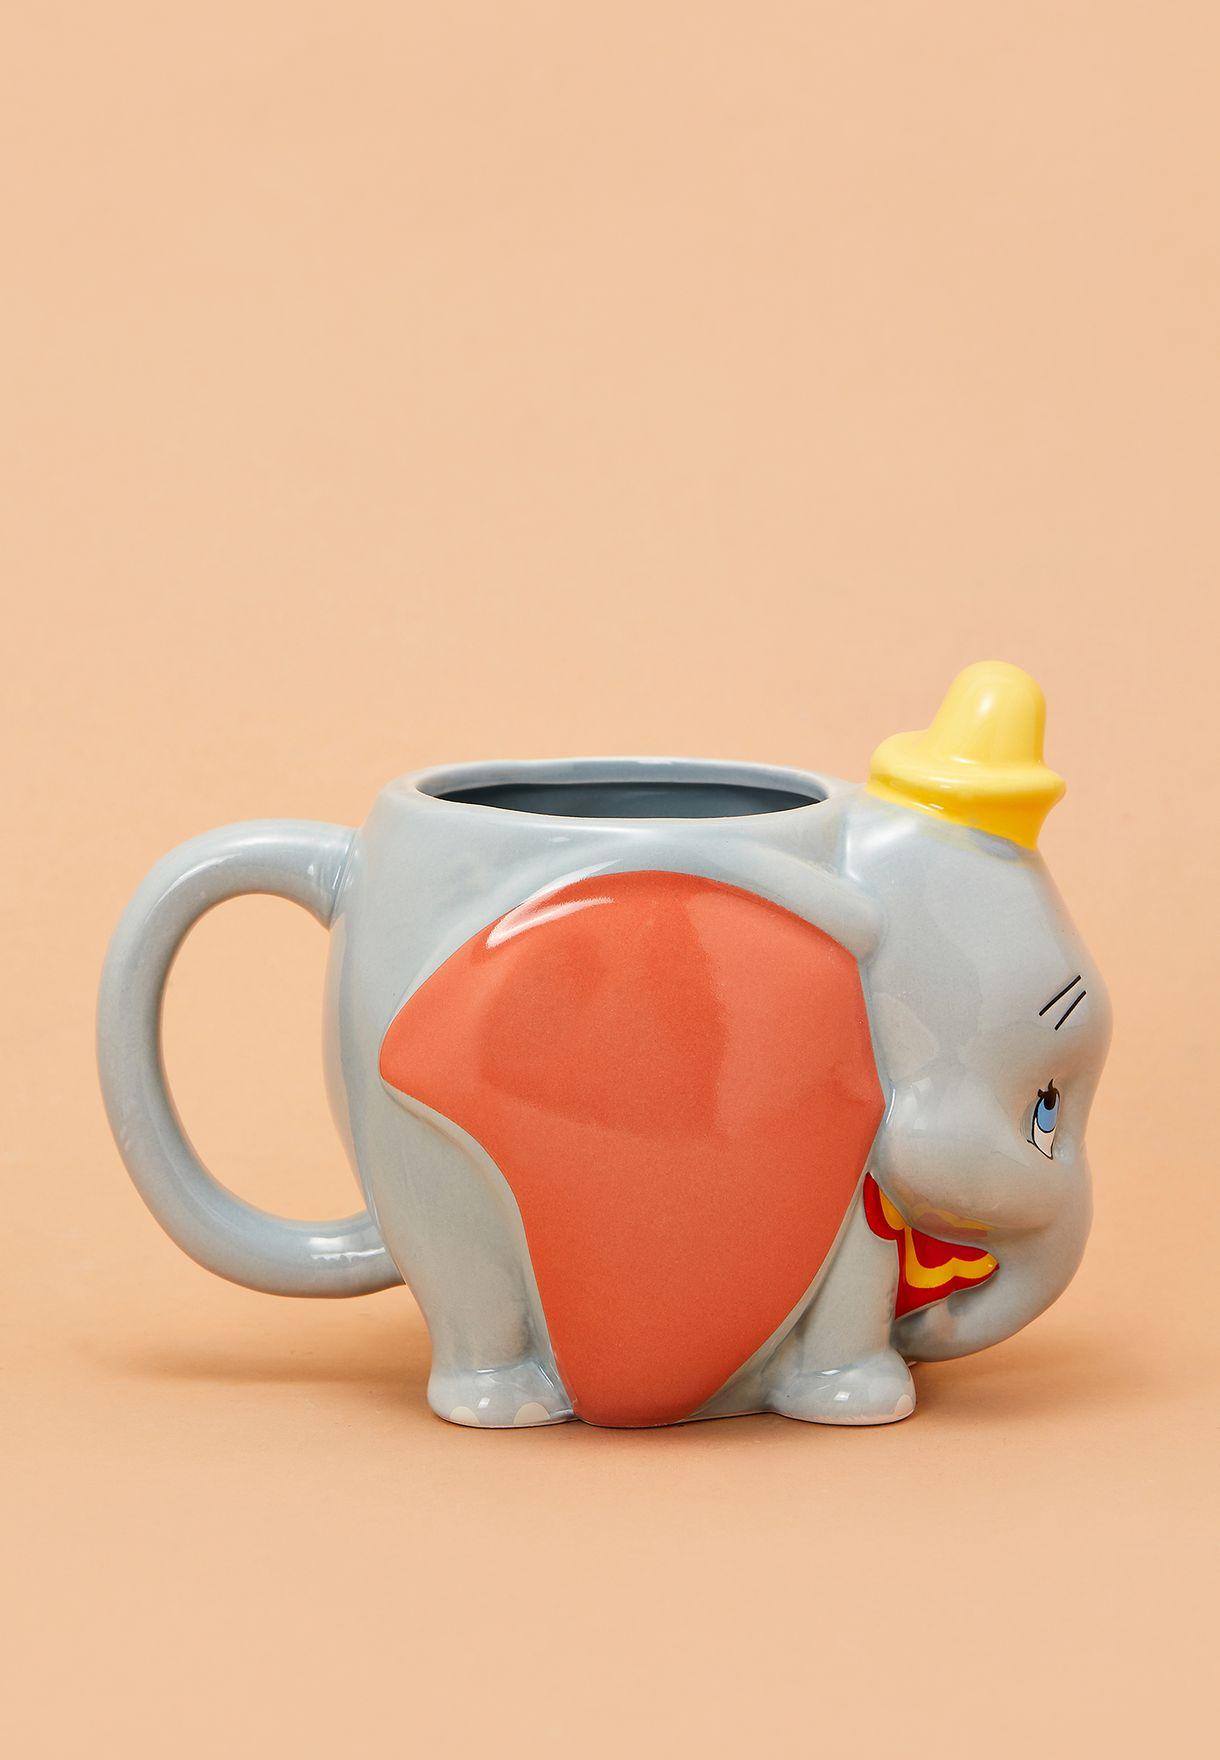 مج شاي بشكل فيل